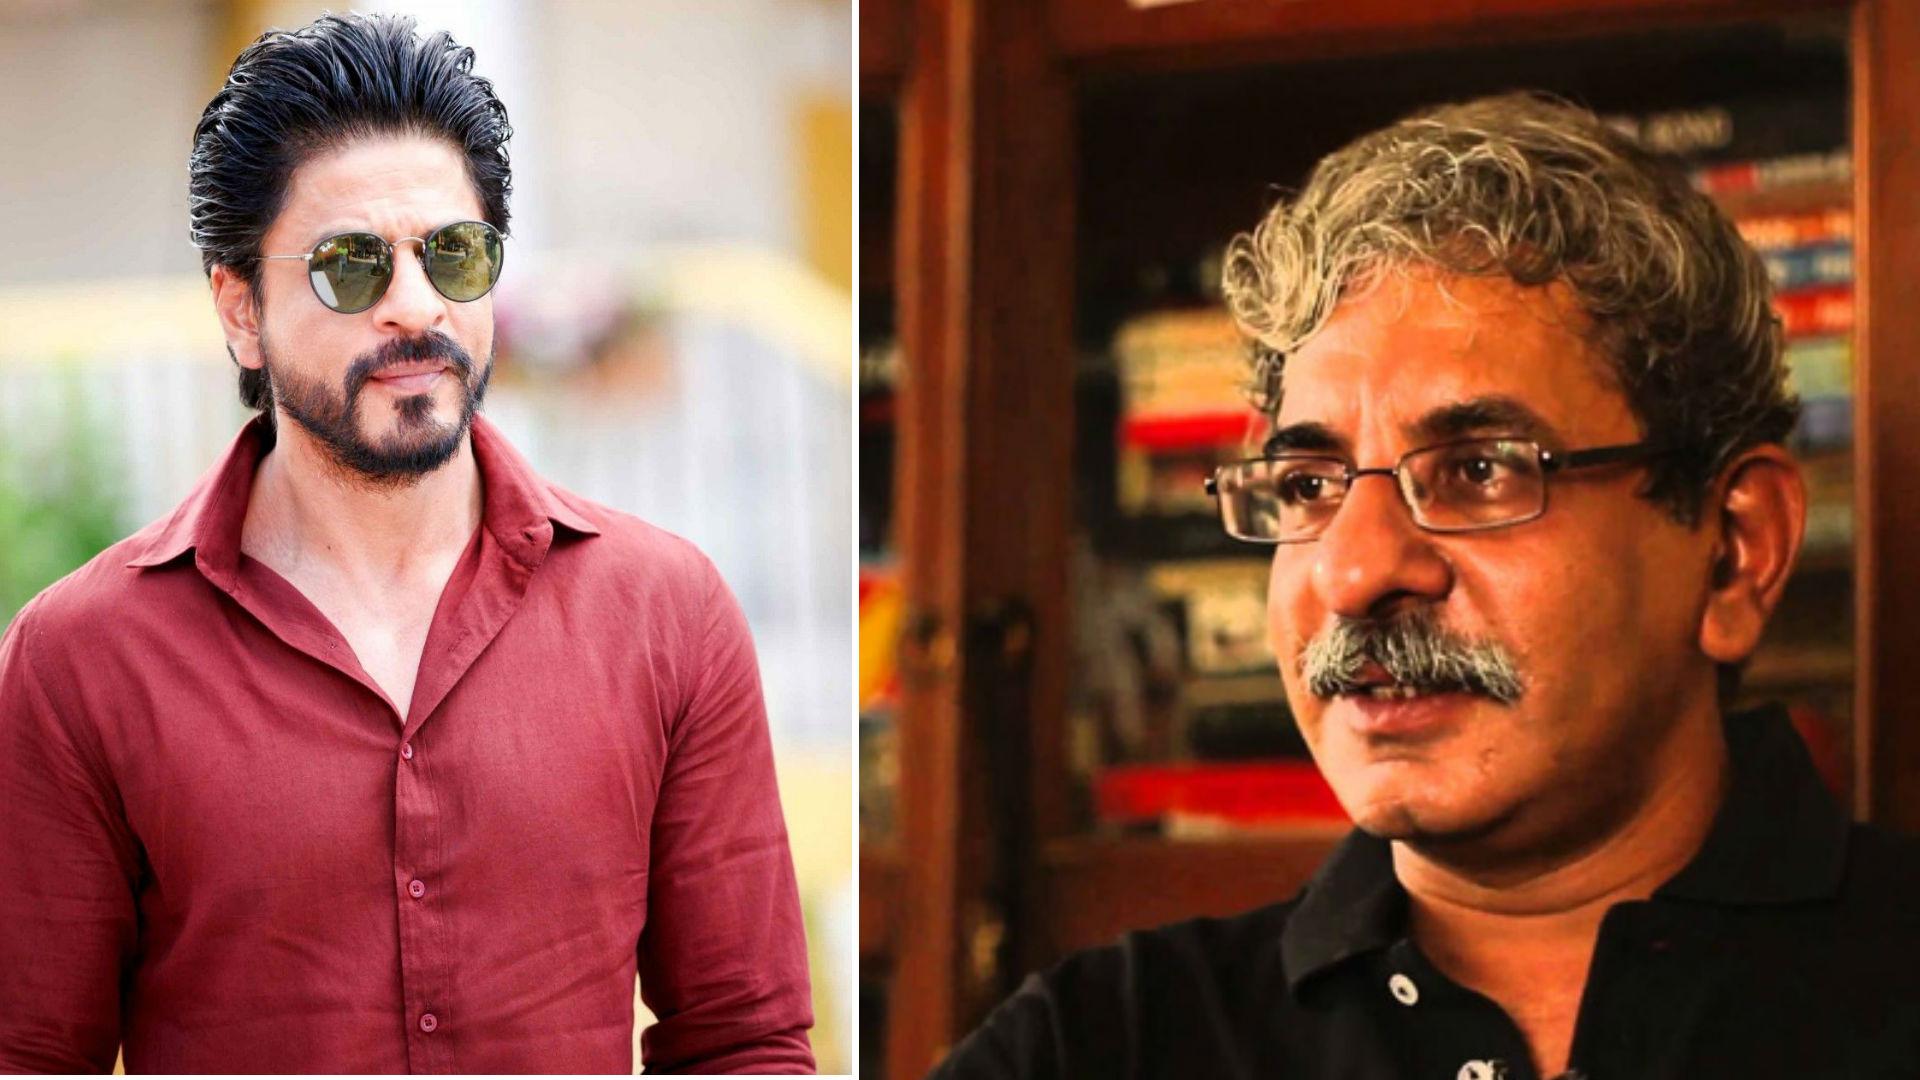 फिल्म अंधाधुन के डायरेक्टर श्रीराम राघवन की थ्रिलर फिल्म में क्या शाहरुख खान होंगे हीरो?